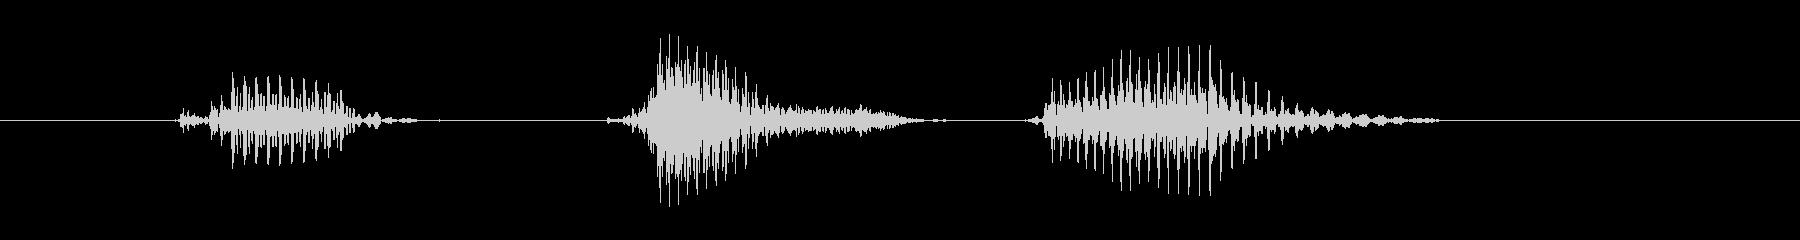 トップスピンの未再生の波形